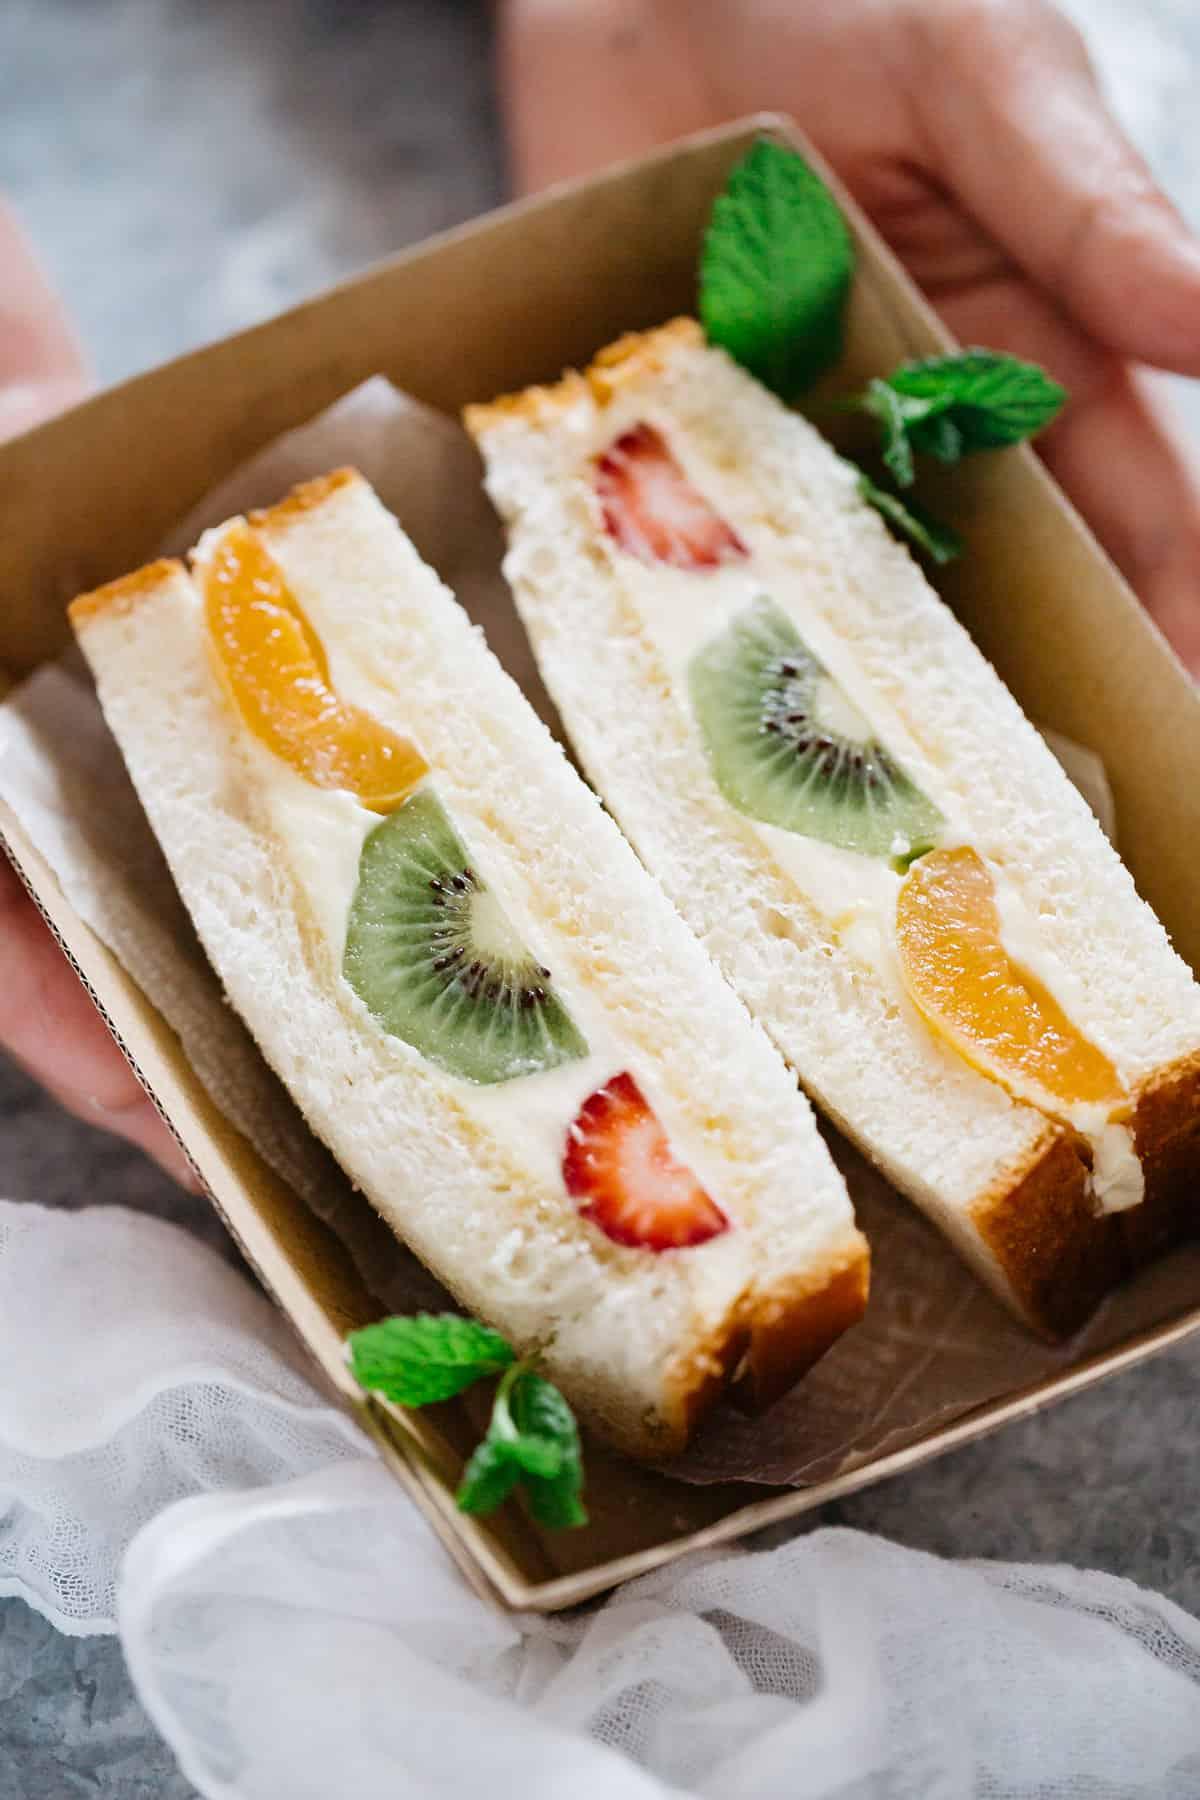 Fruit Sandwich in a takeaway cardboard container